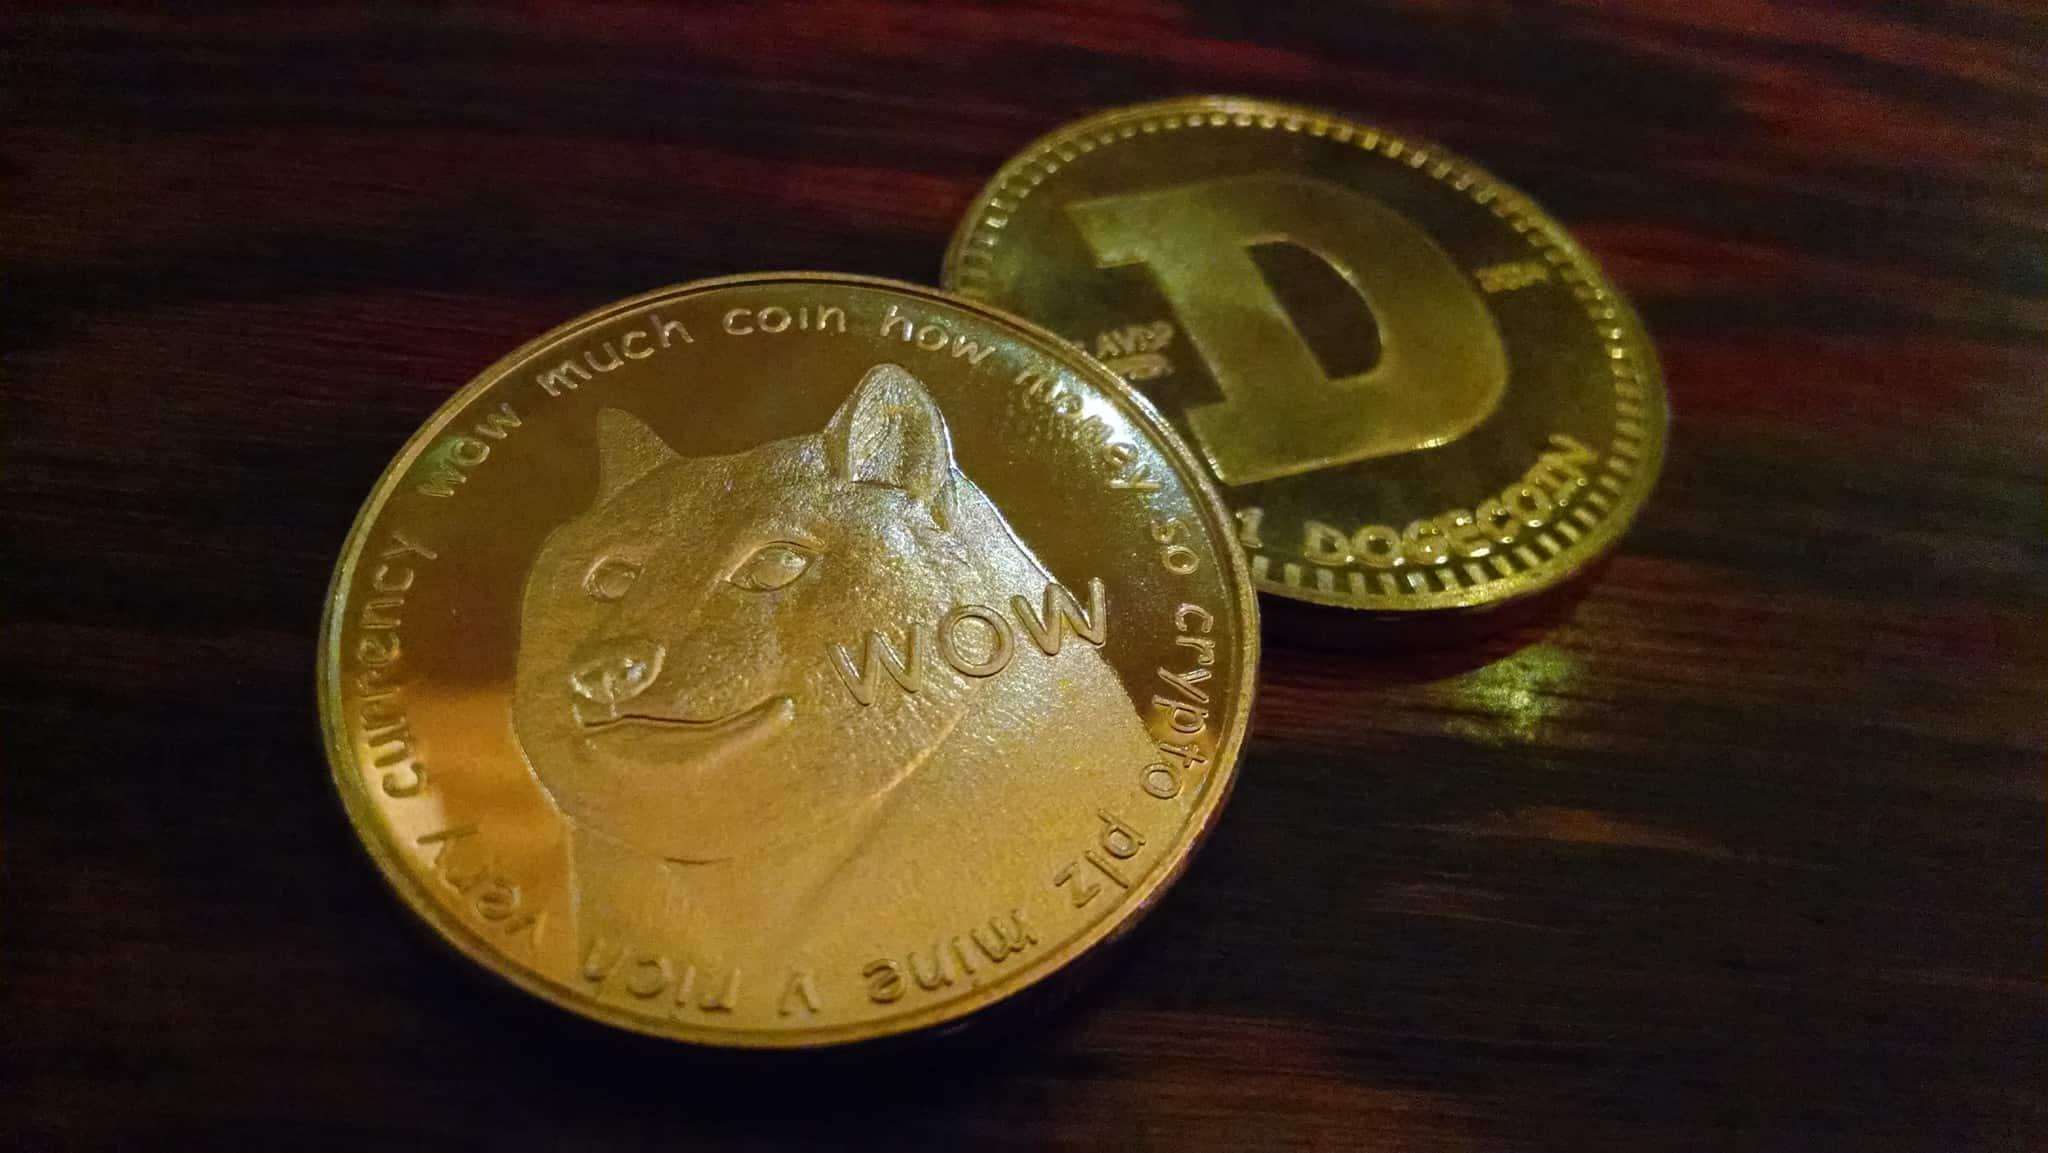 Dogecoin as a gold coin